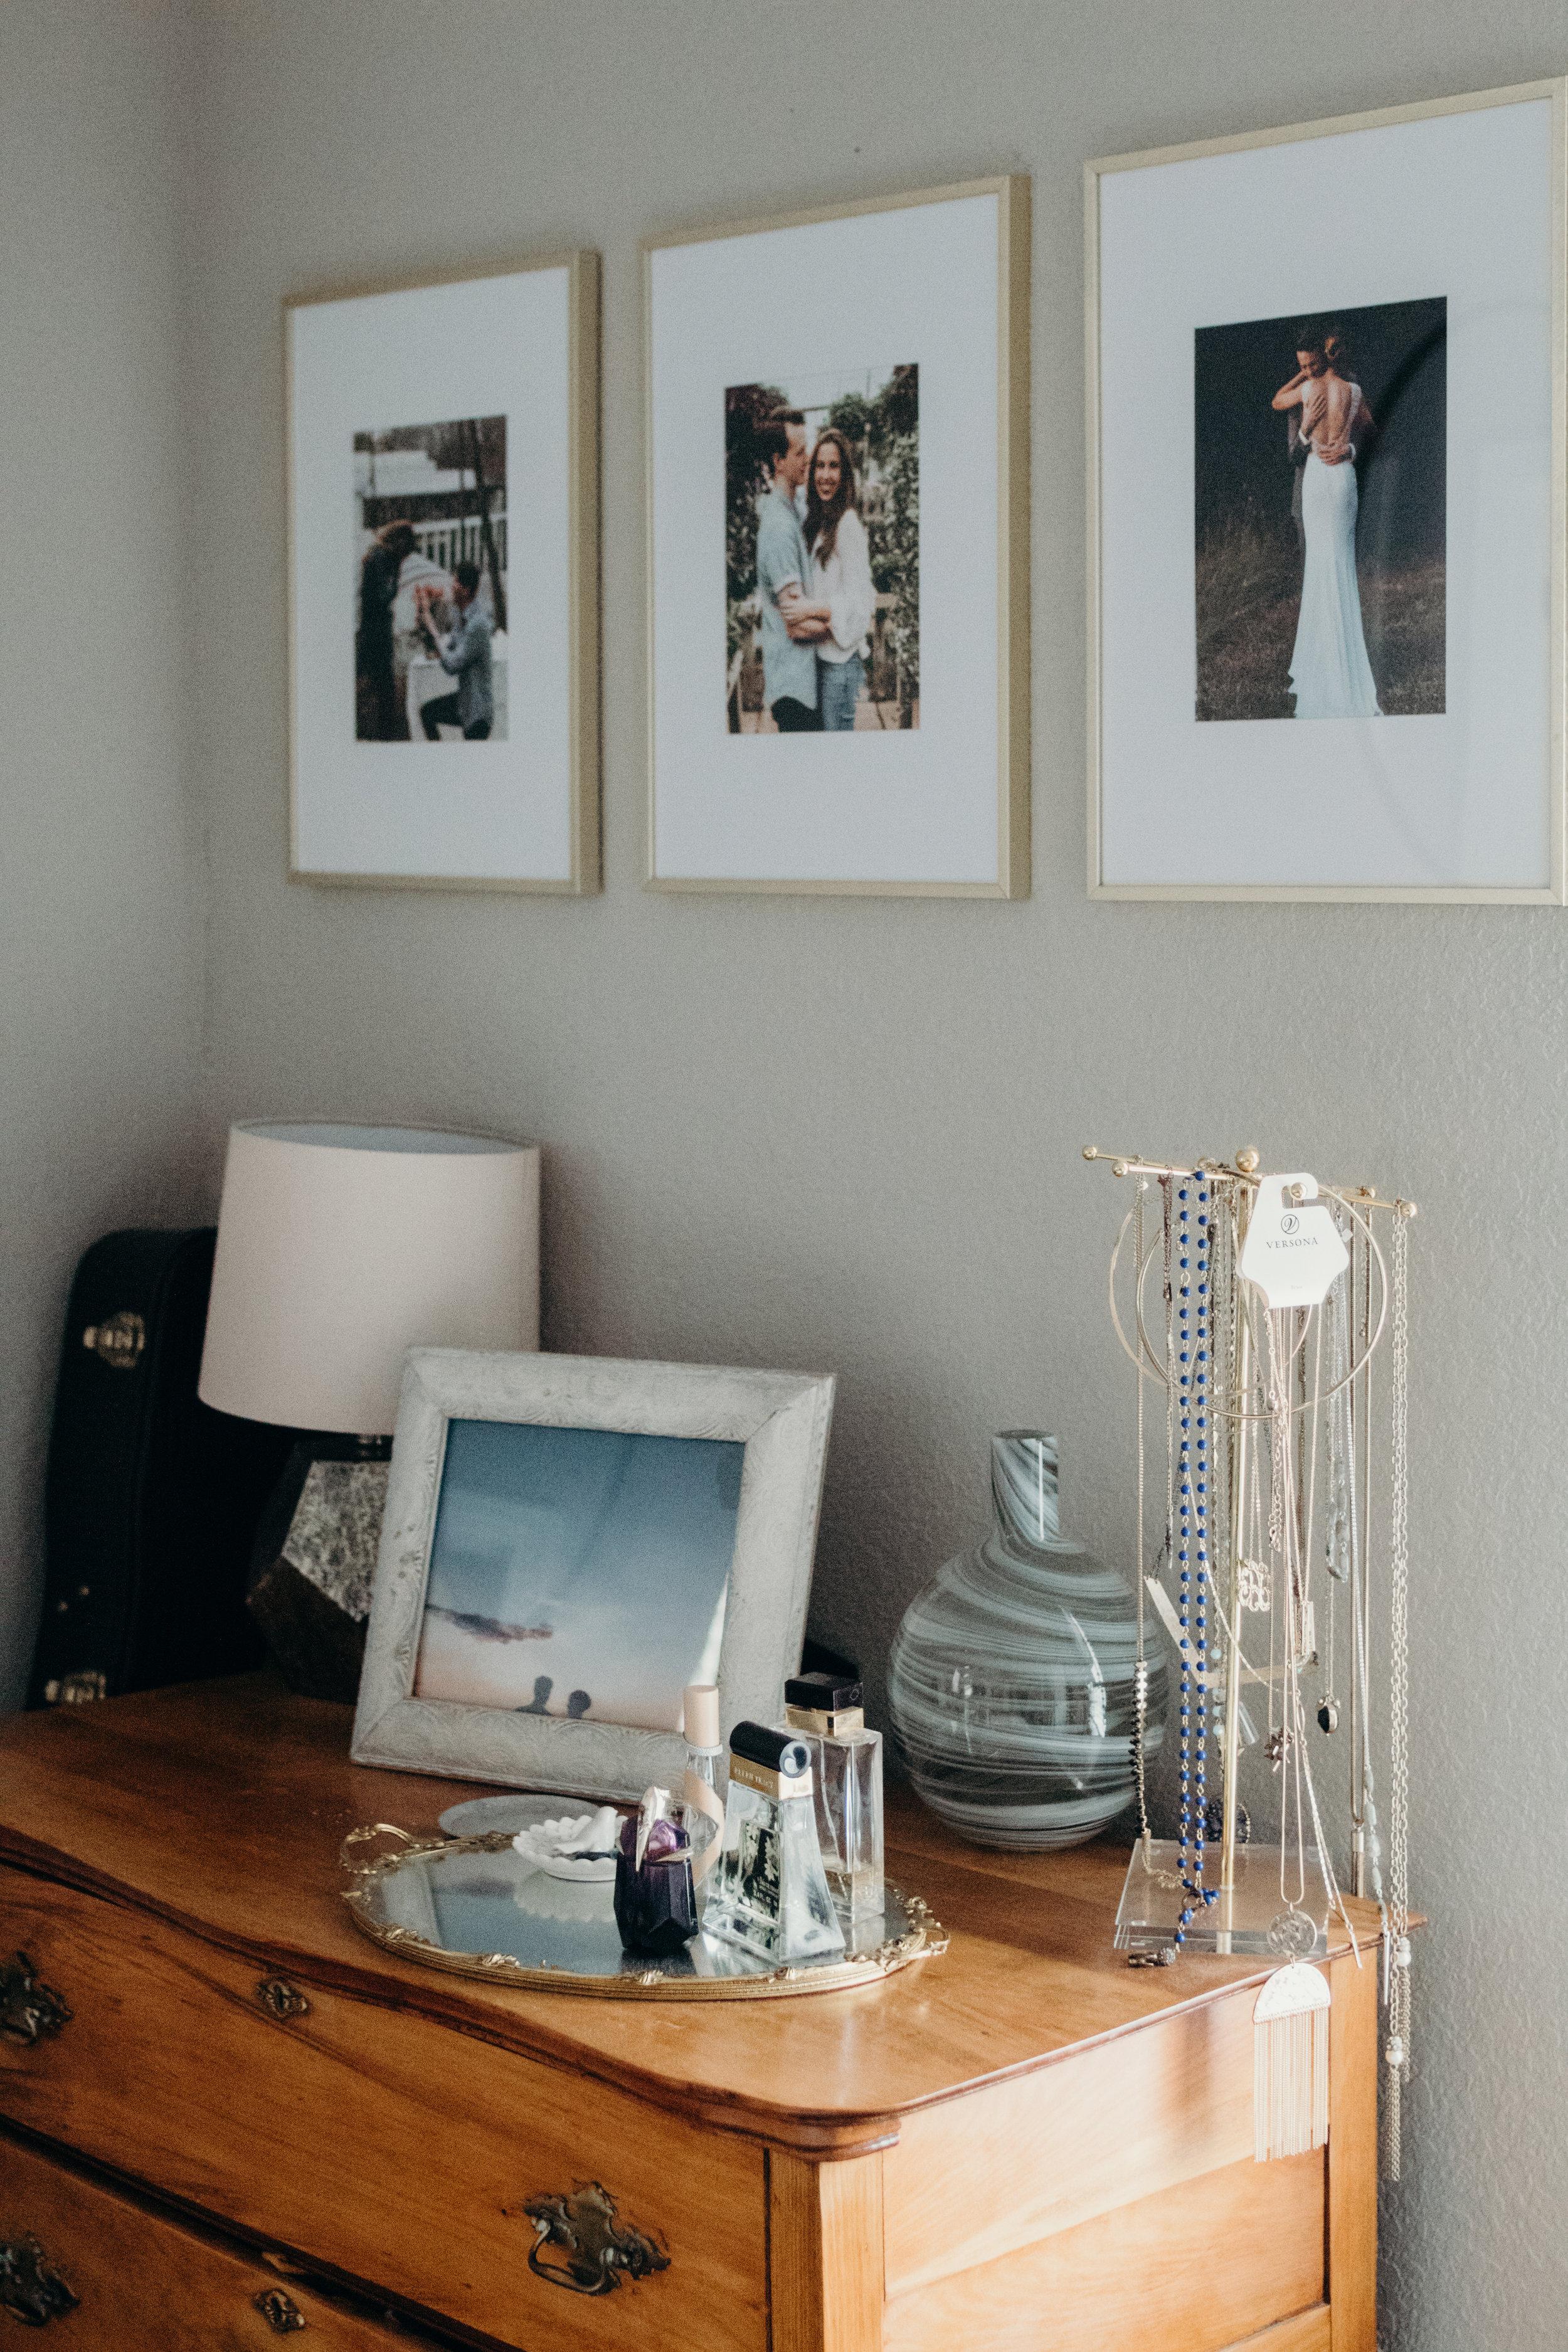 Apartment Spaces | The Simplistic Chic